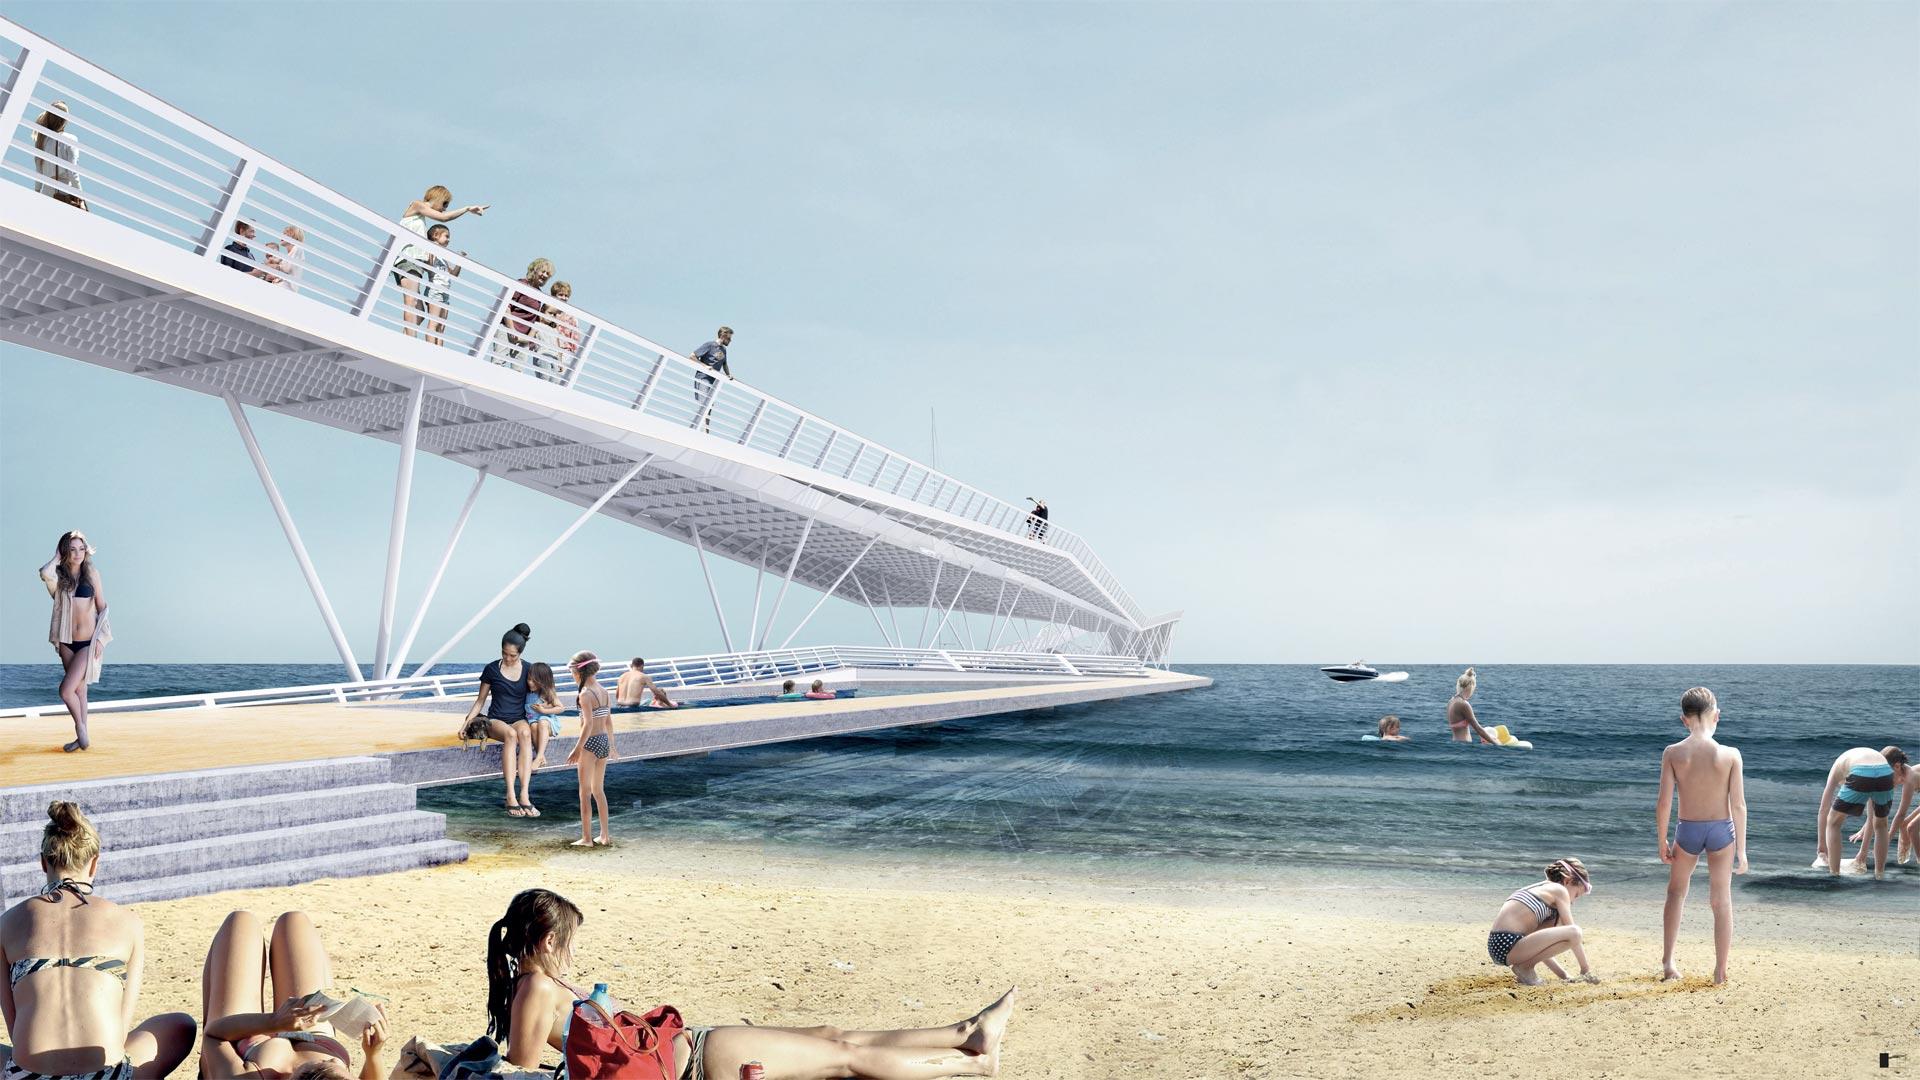 MAASS-Lichtplanung_Seebrücke am Timmendorfer Strand__181106-Seebrücke-01